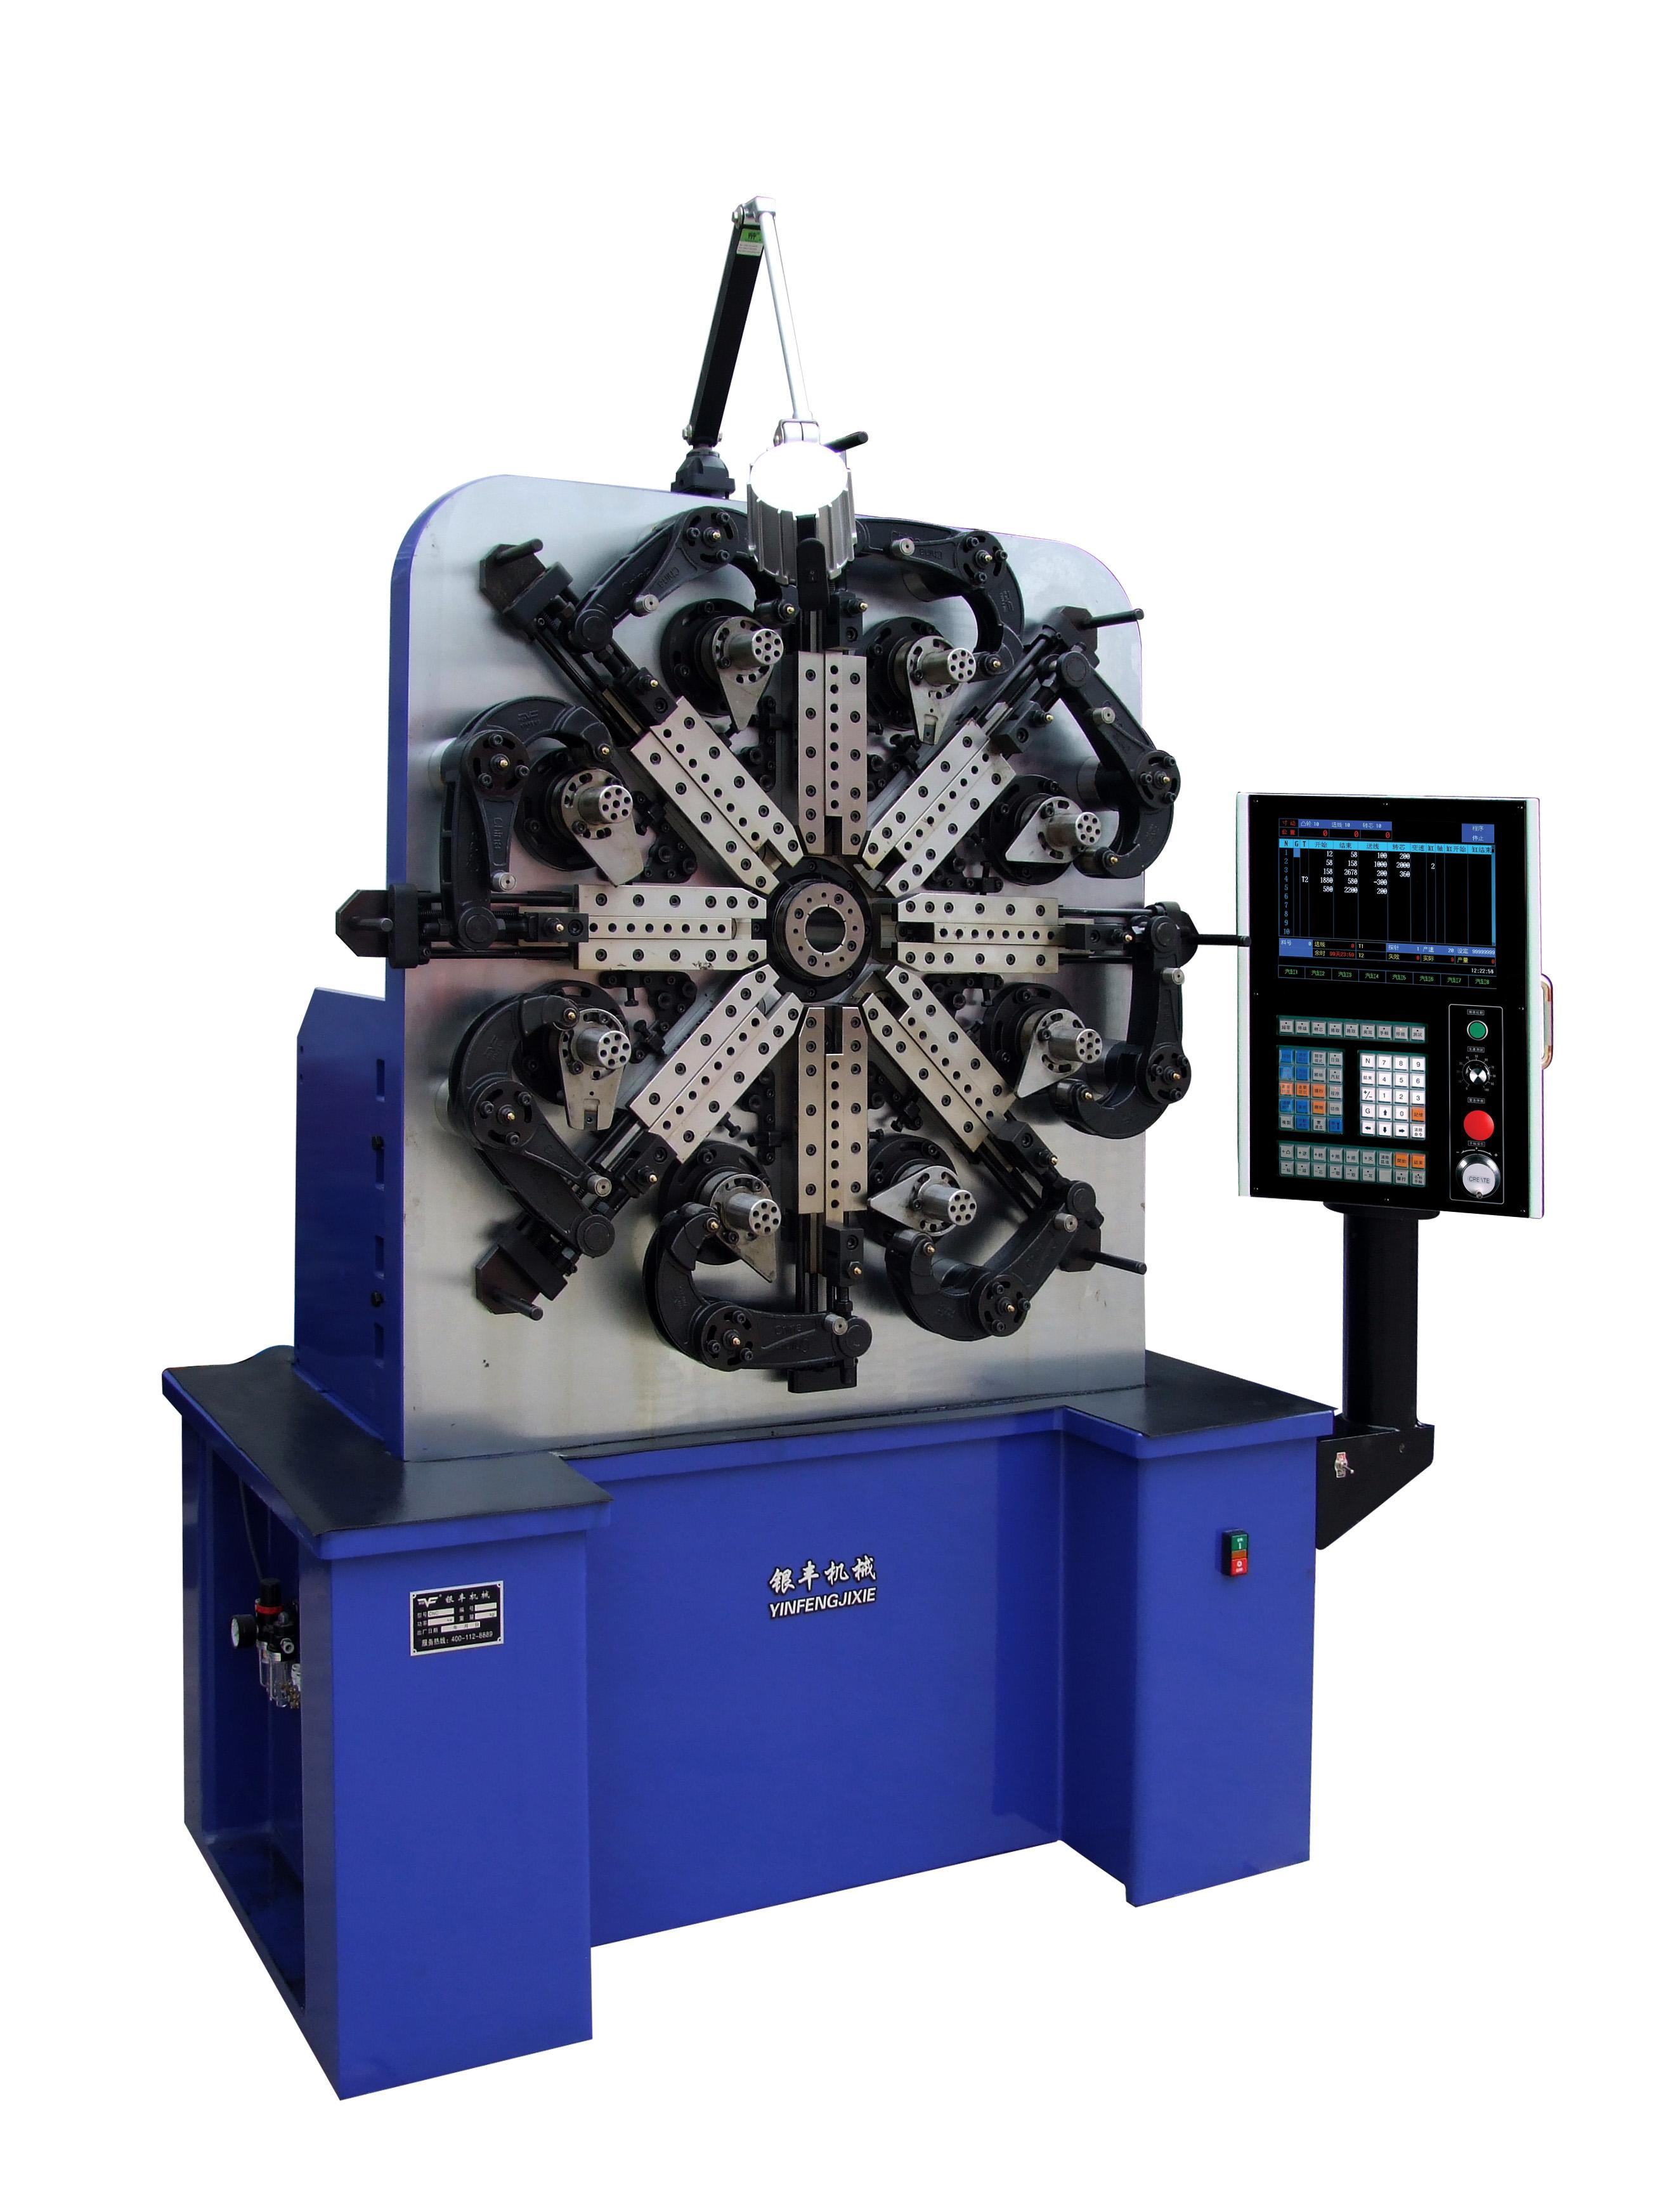 弹簧机械弹簧机设备电脑弹簧机折弯机线材成型机平面机